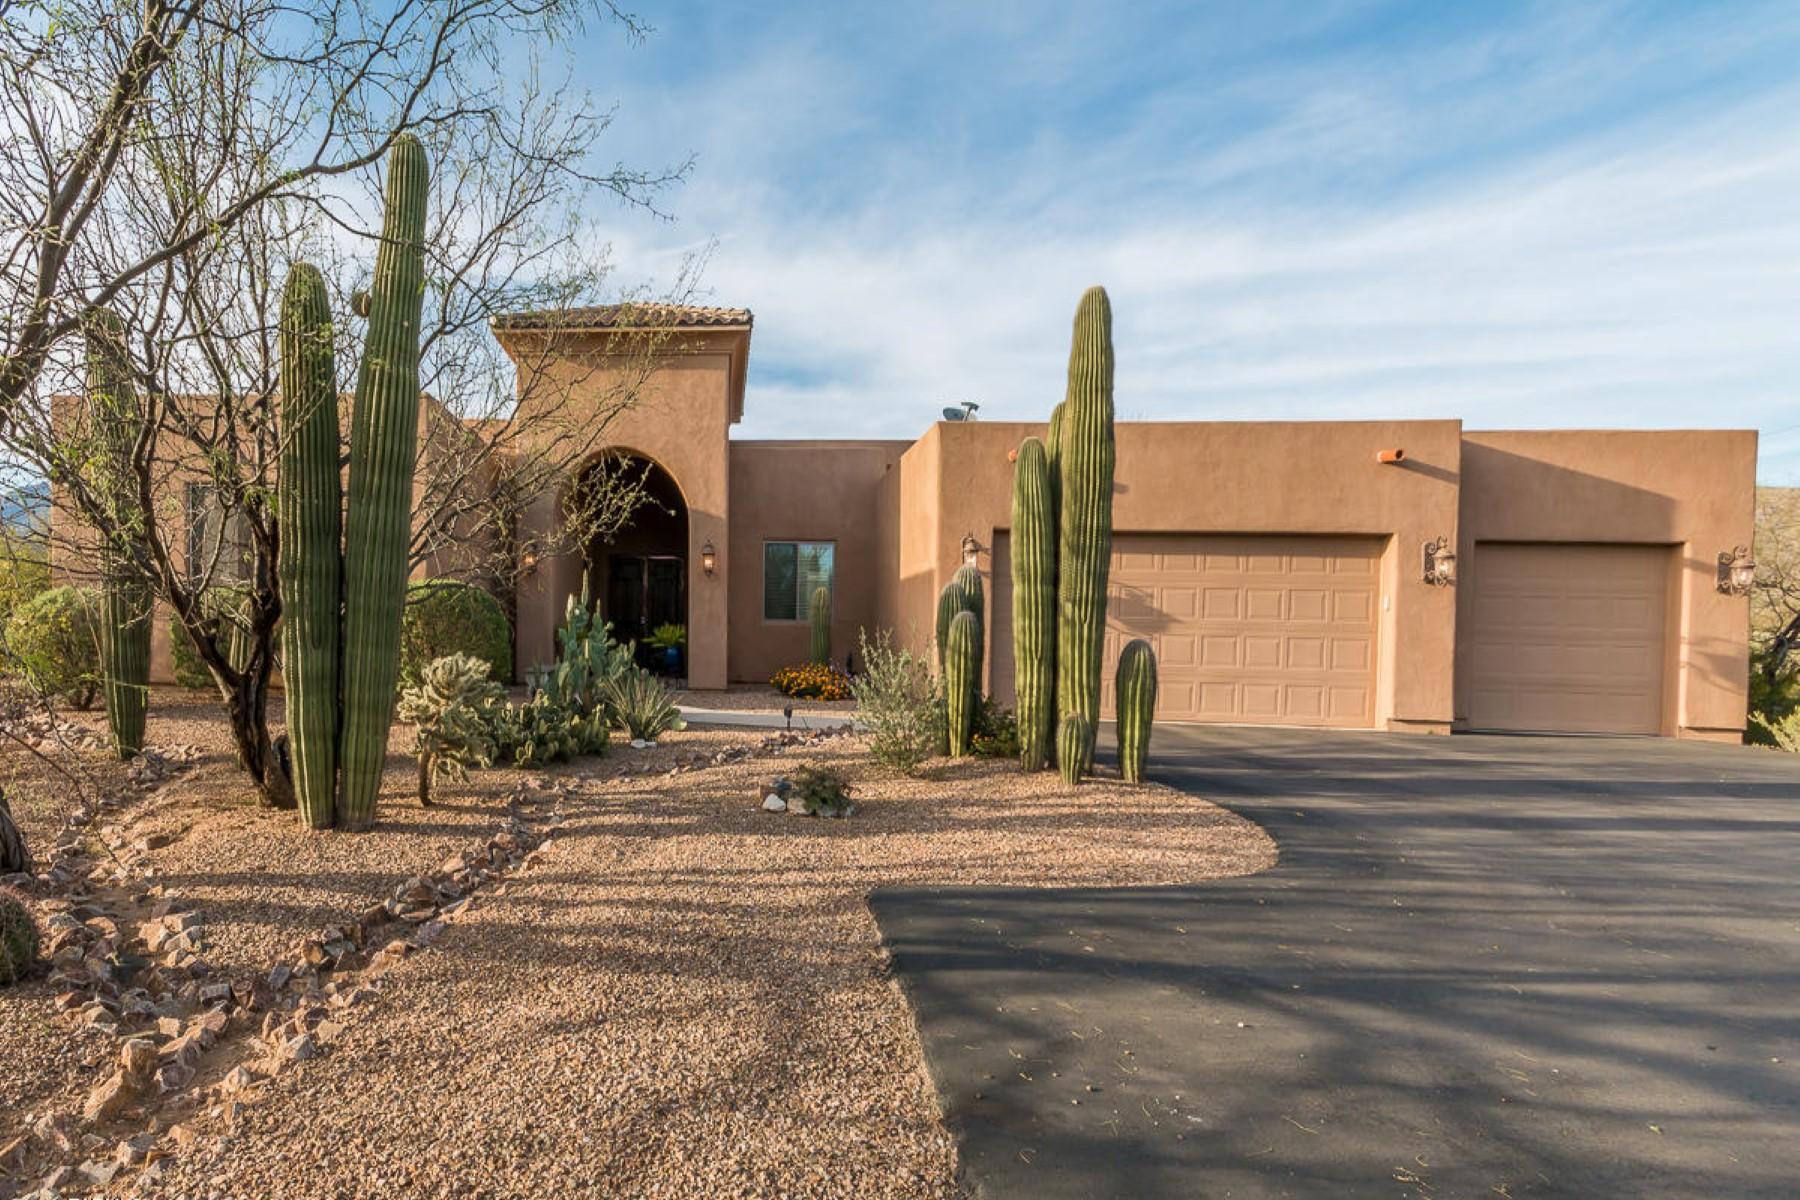 Imóvel para venda Tucson